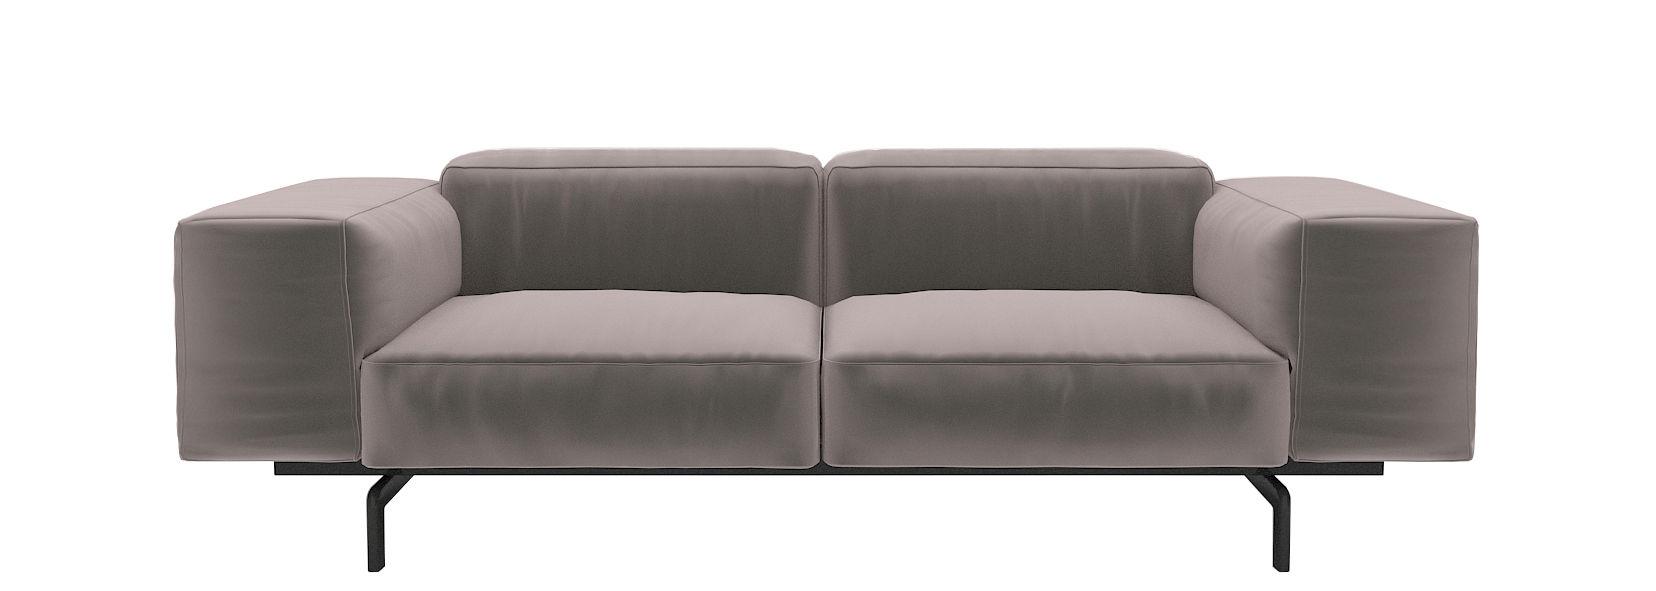 canap droit largo velluto 2 places l 226 cm velours velours tourterelle kartell. Black Bedroom Furniture Sets. Home Design Ideas